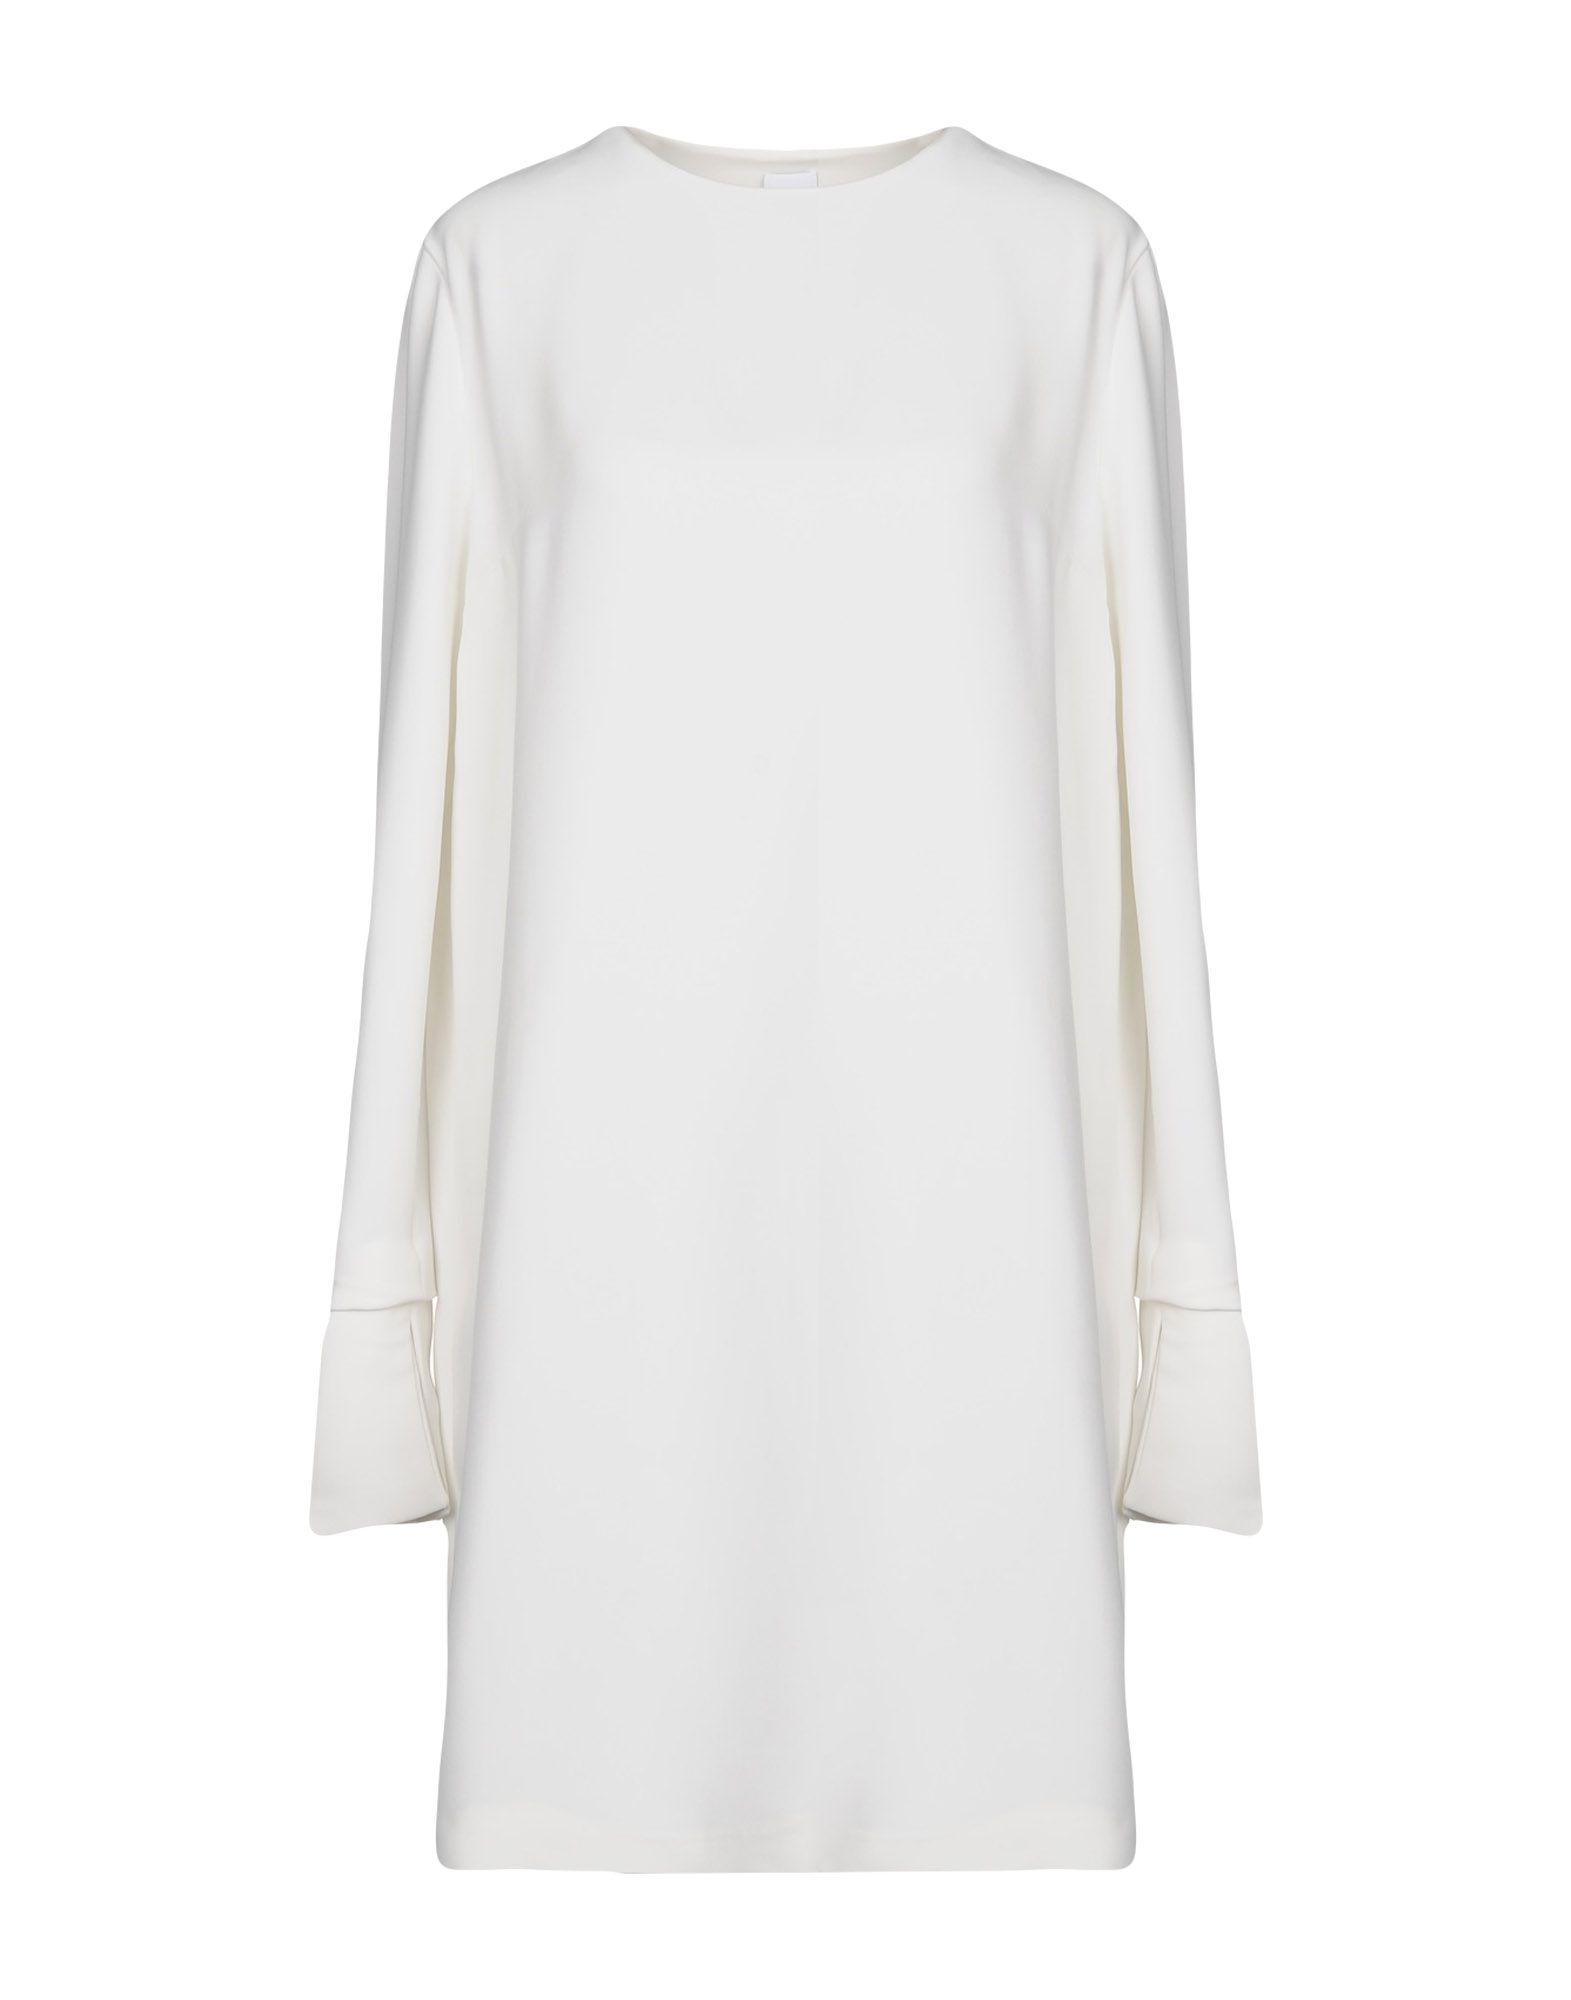 Iris & Ink Short Dresses In White